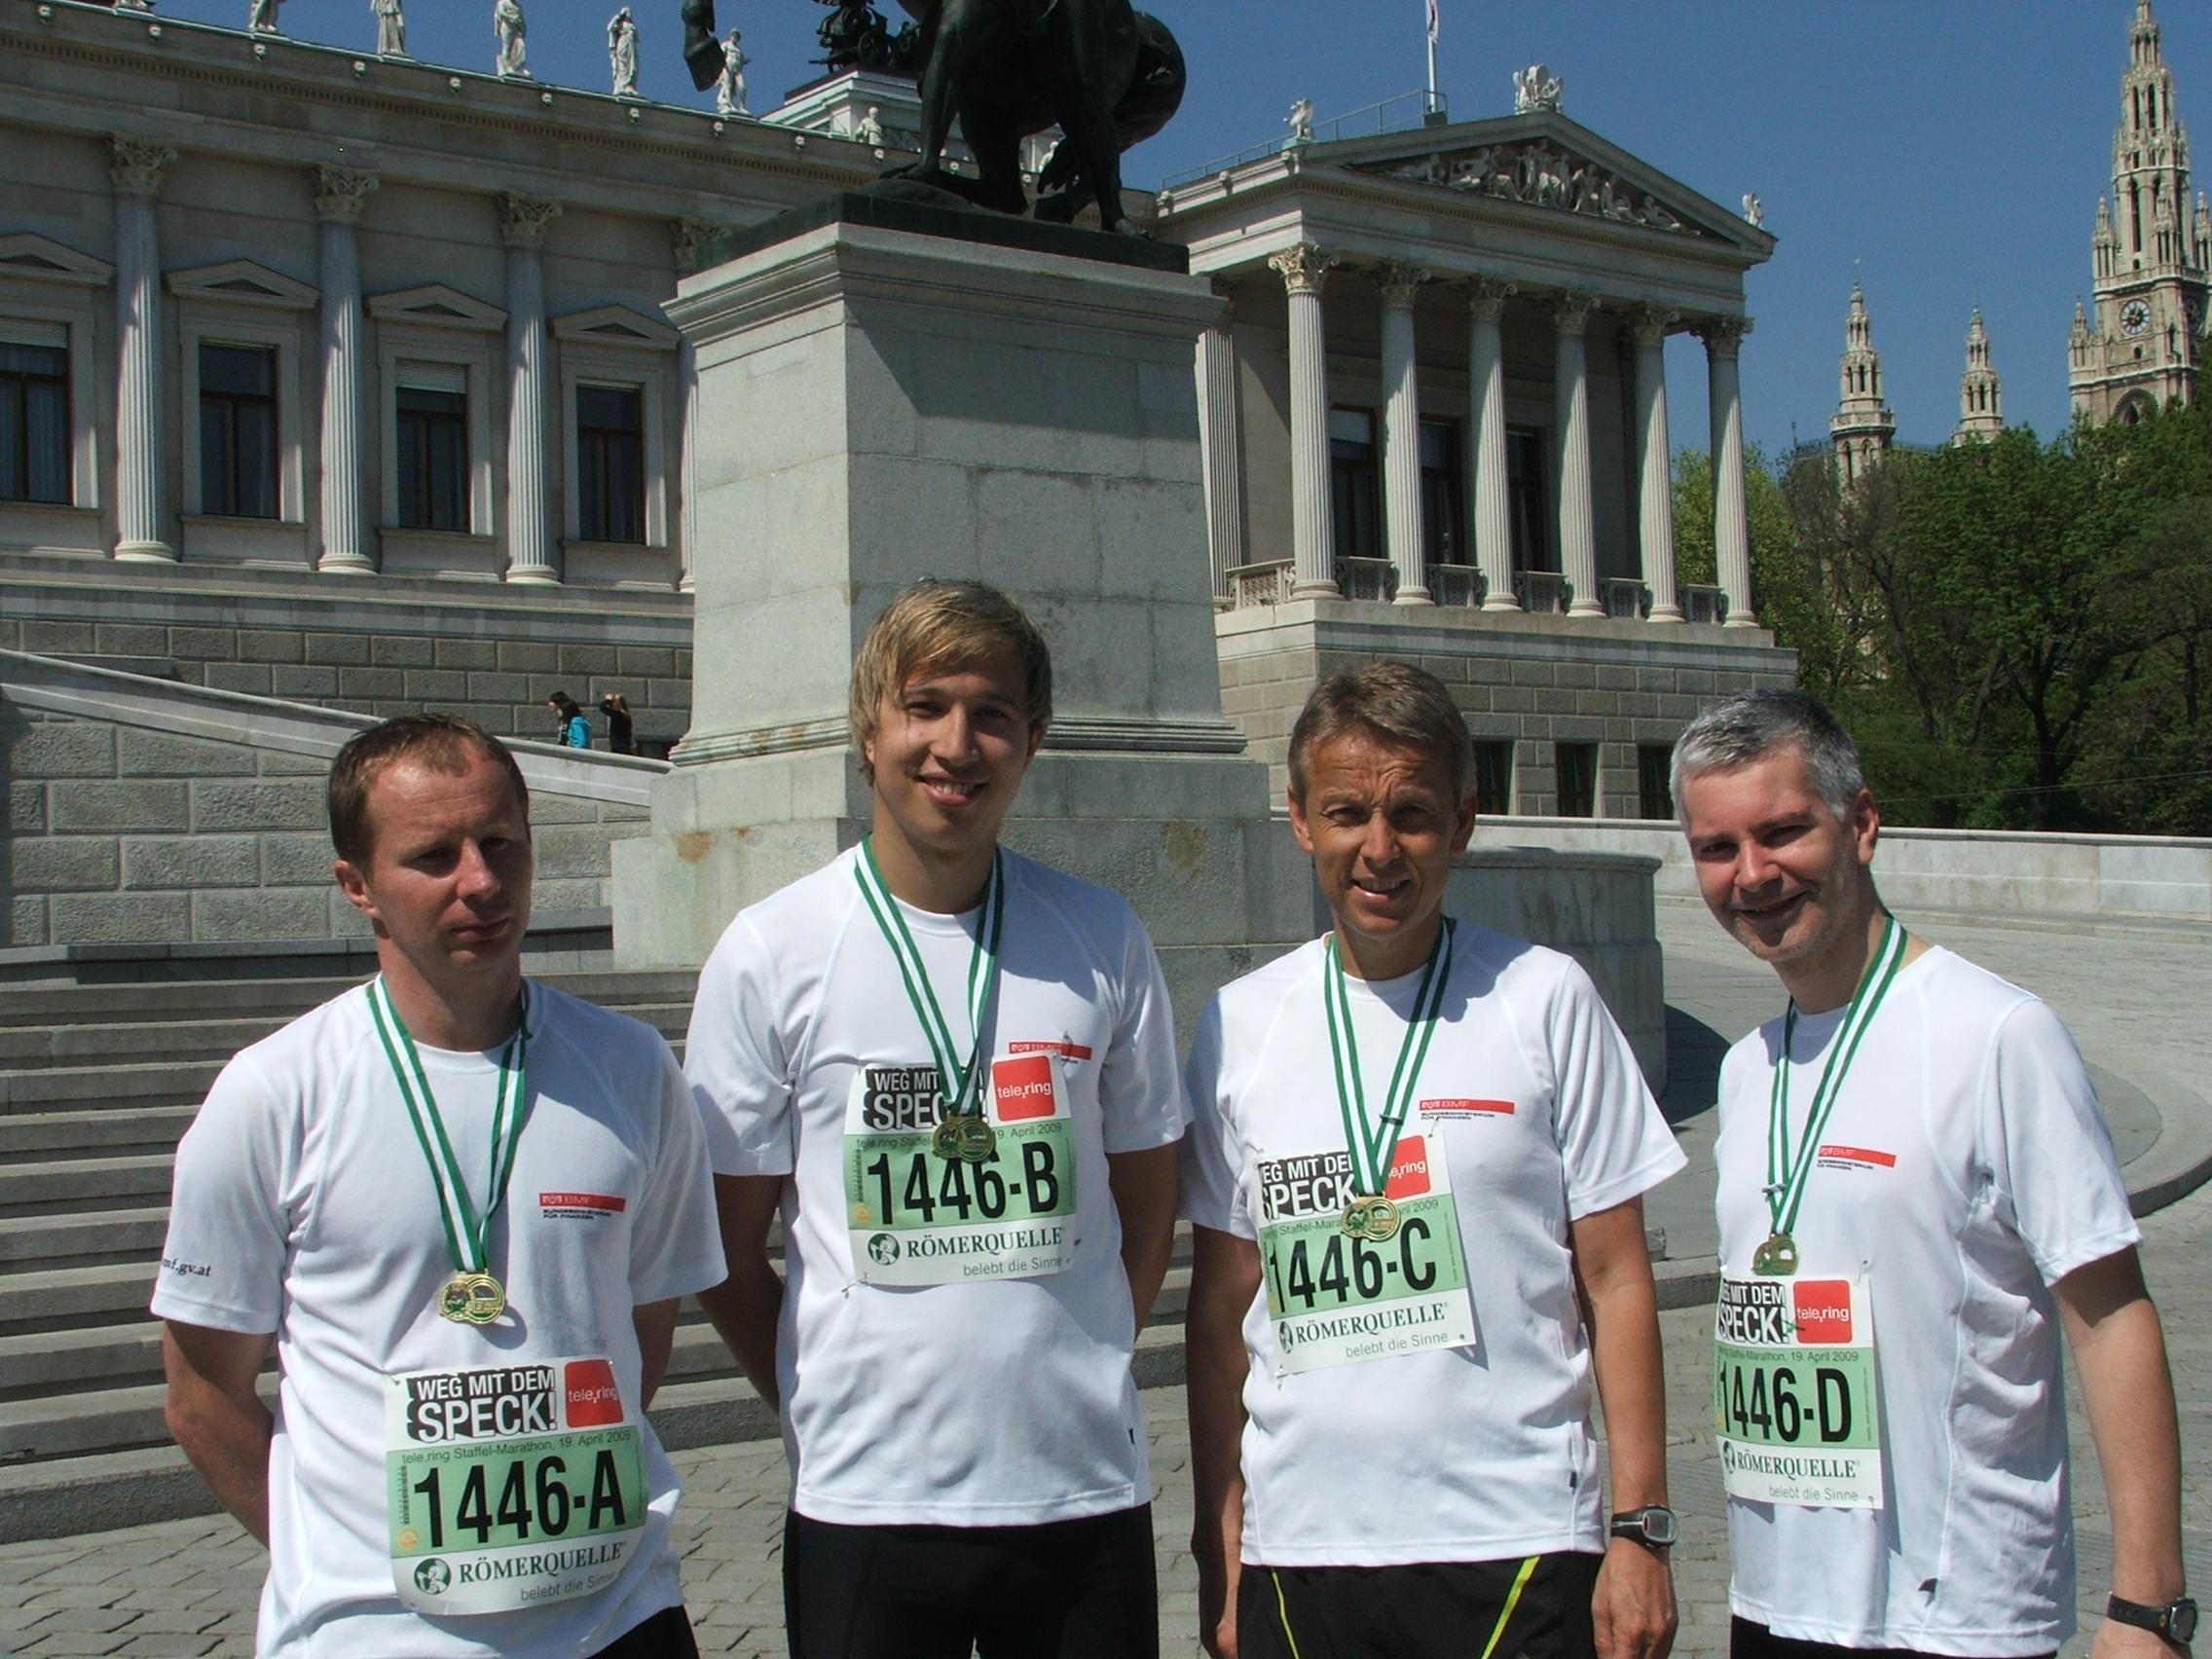 Die erfolgreiche BMF-Laufstaffel mit Kurt Nöhrer, meinem Sohn Philipp und Otto Aiglsperger (C) Aiglsperger